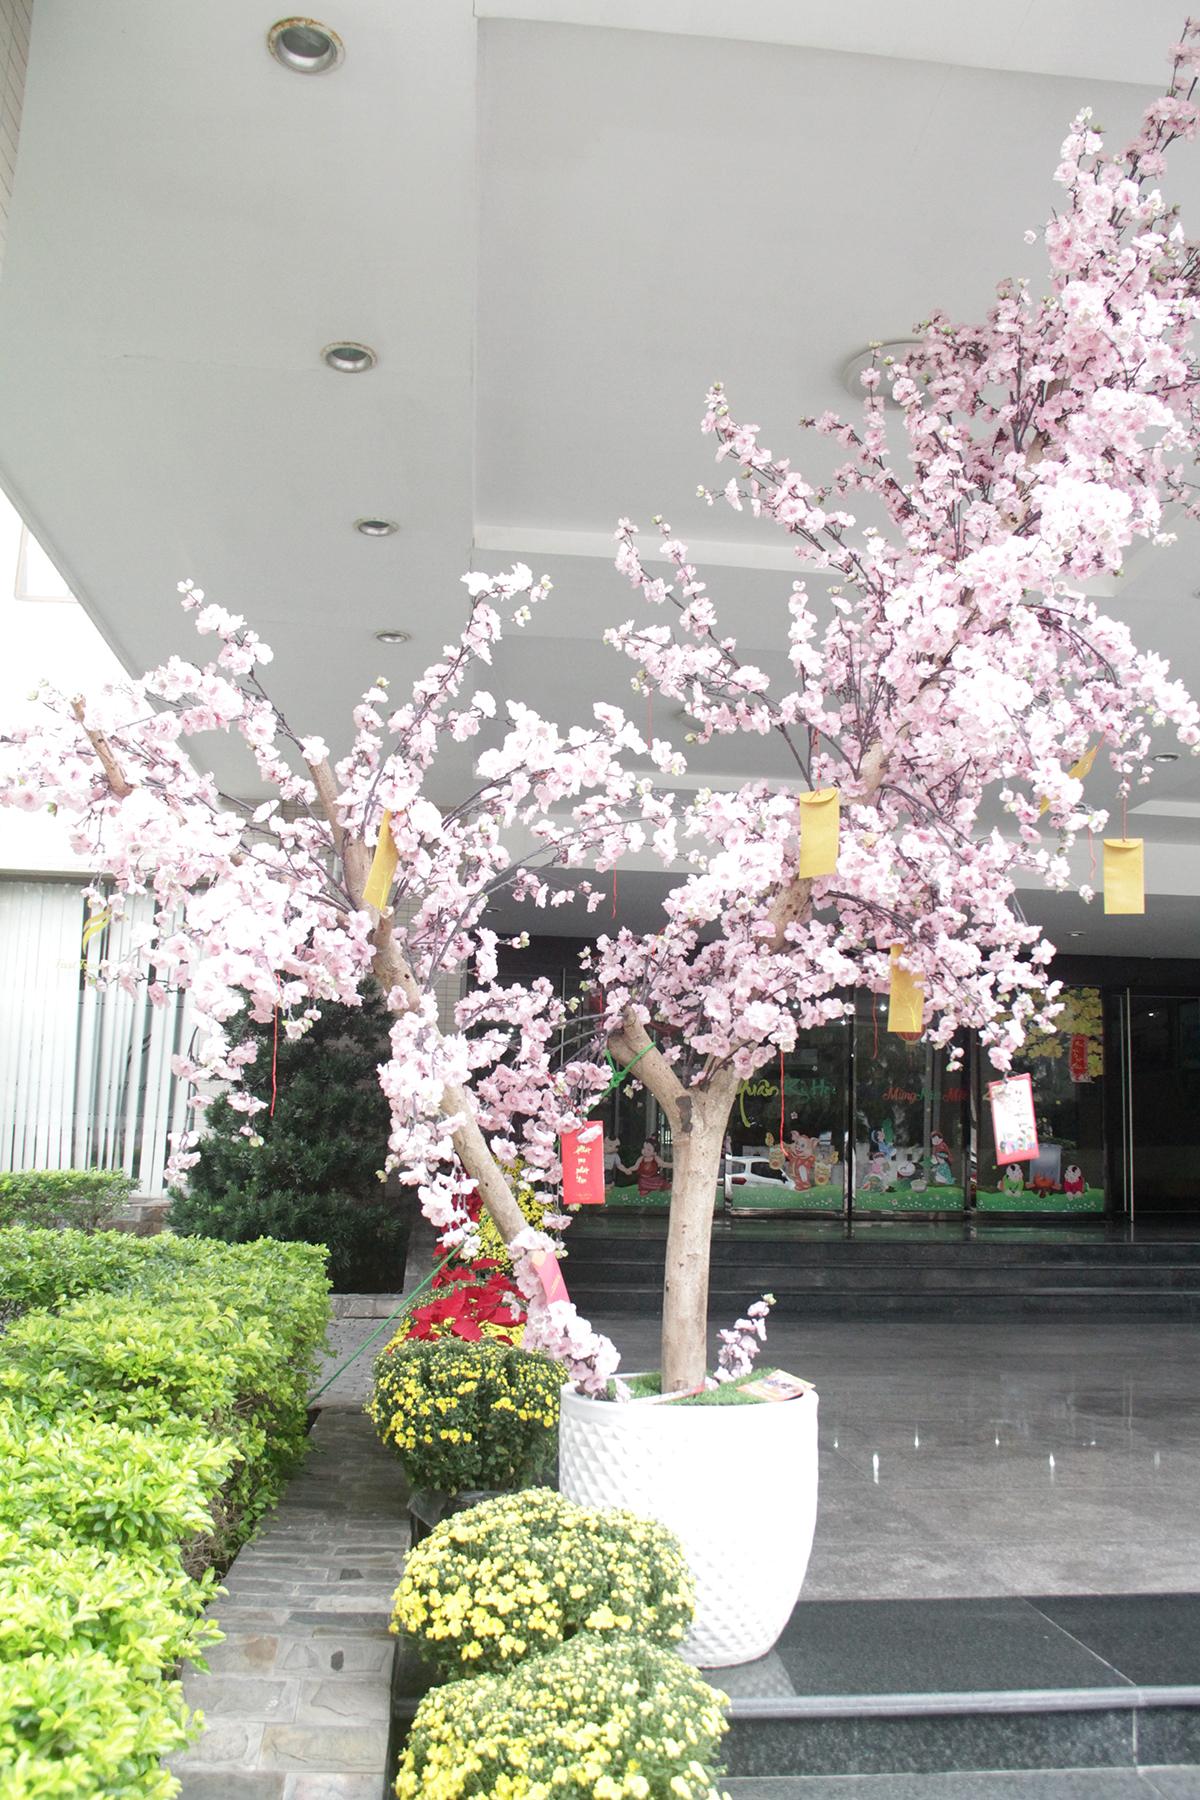 Sảnh tòa nhà Massda cũng được trang trí rực rỡ sắc xuân, tạo cảm giác ấm áp và an lành cho CBNV.